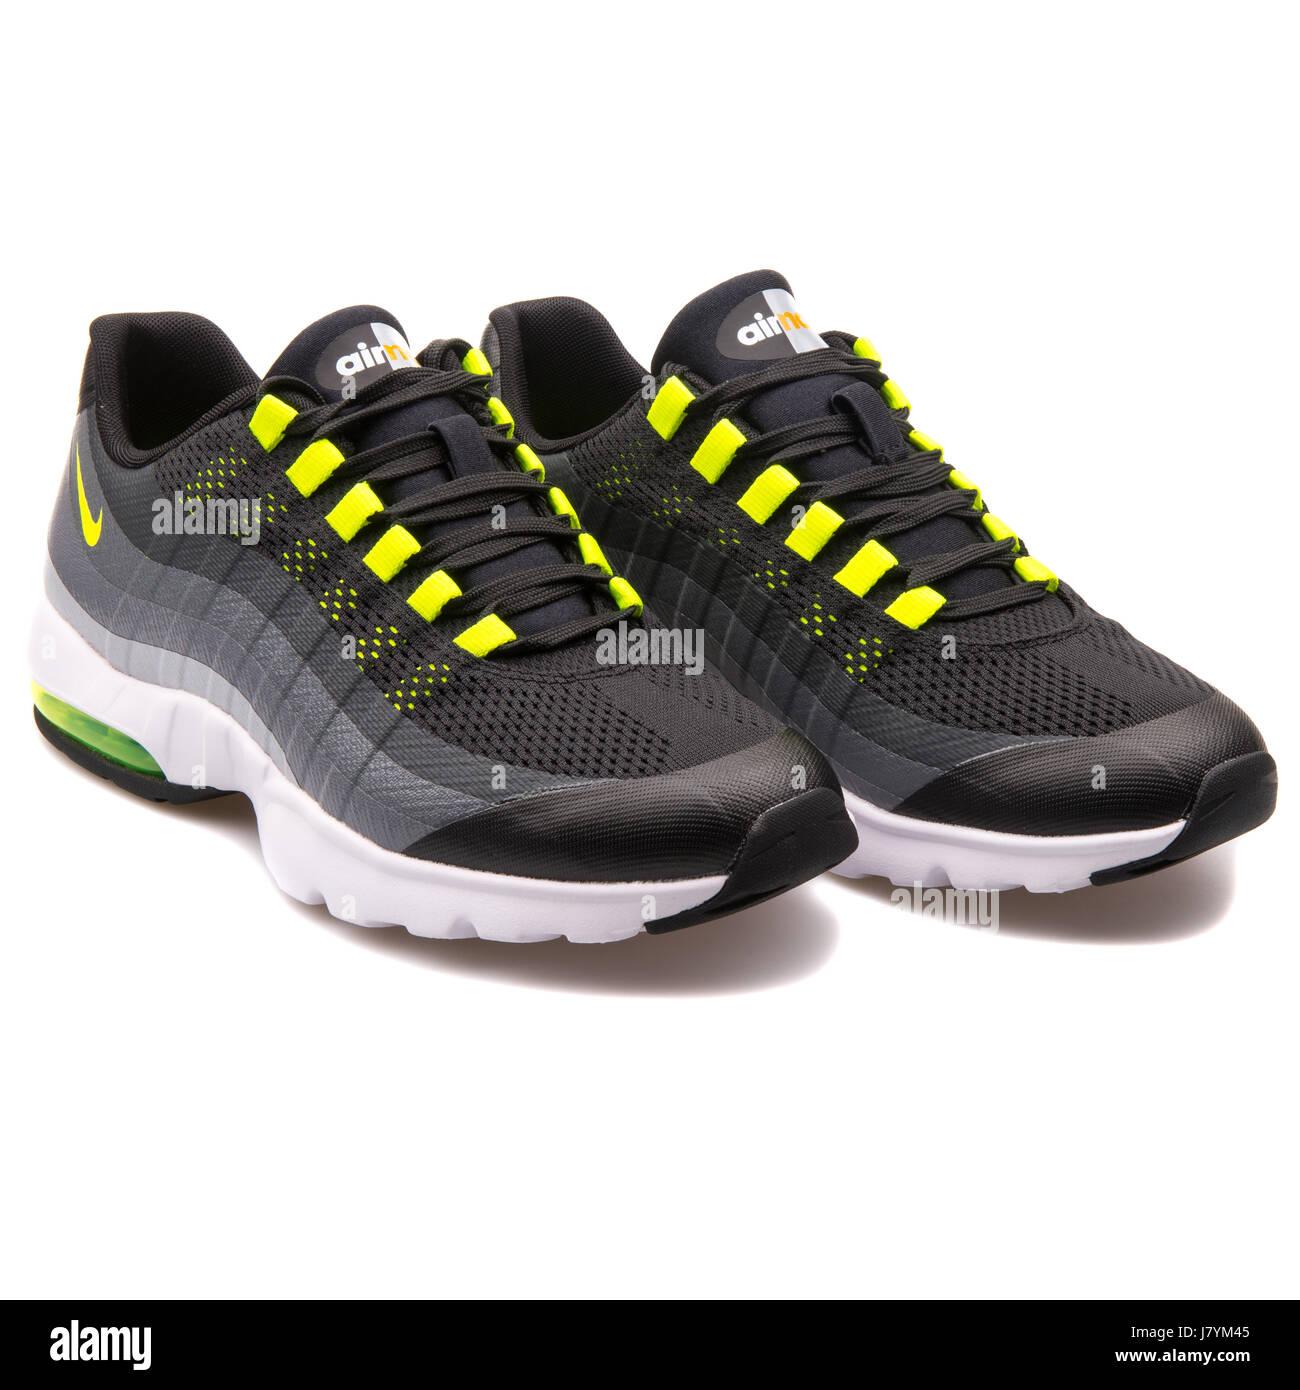 wholesale dealer 2f08d 758a2 Nike WMNS Air Max 95 Ultra Women's Running Grey Sneaker ...